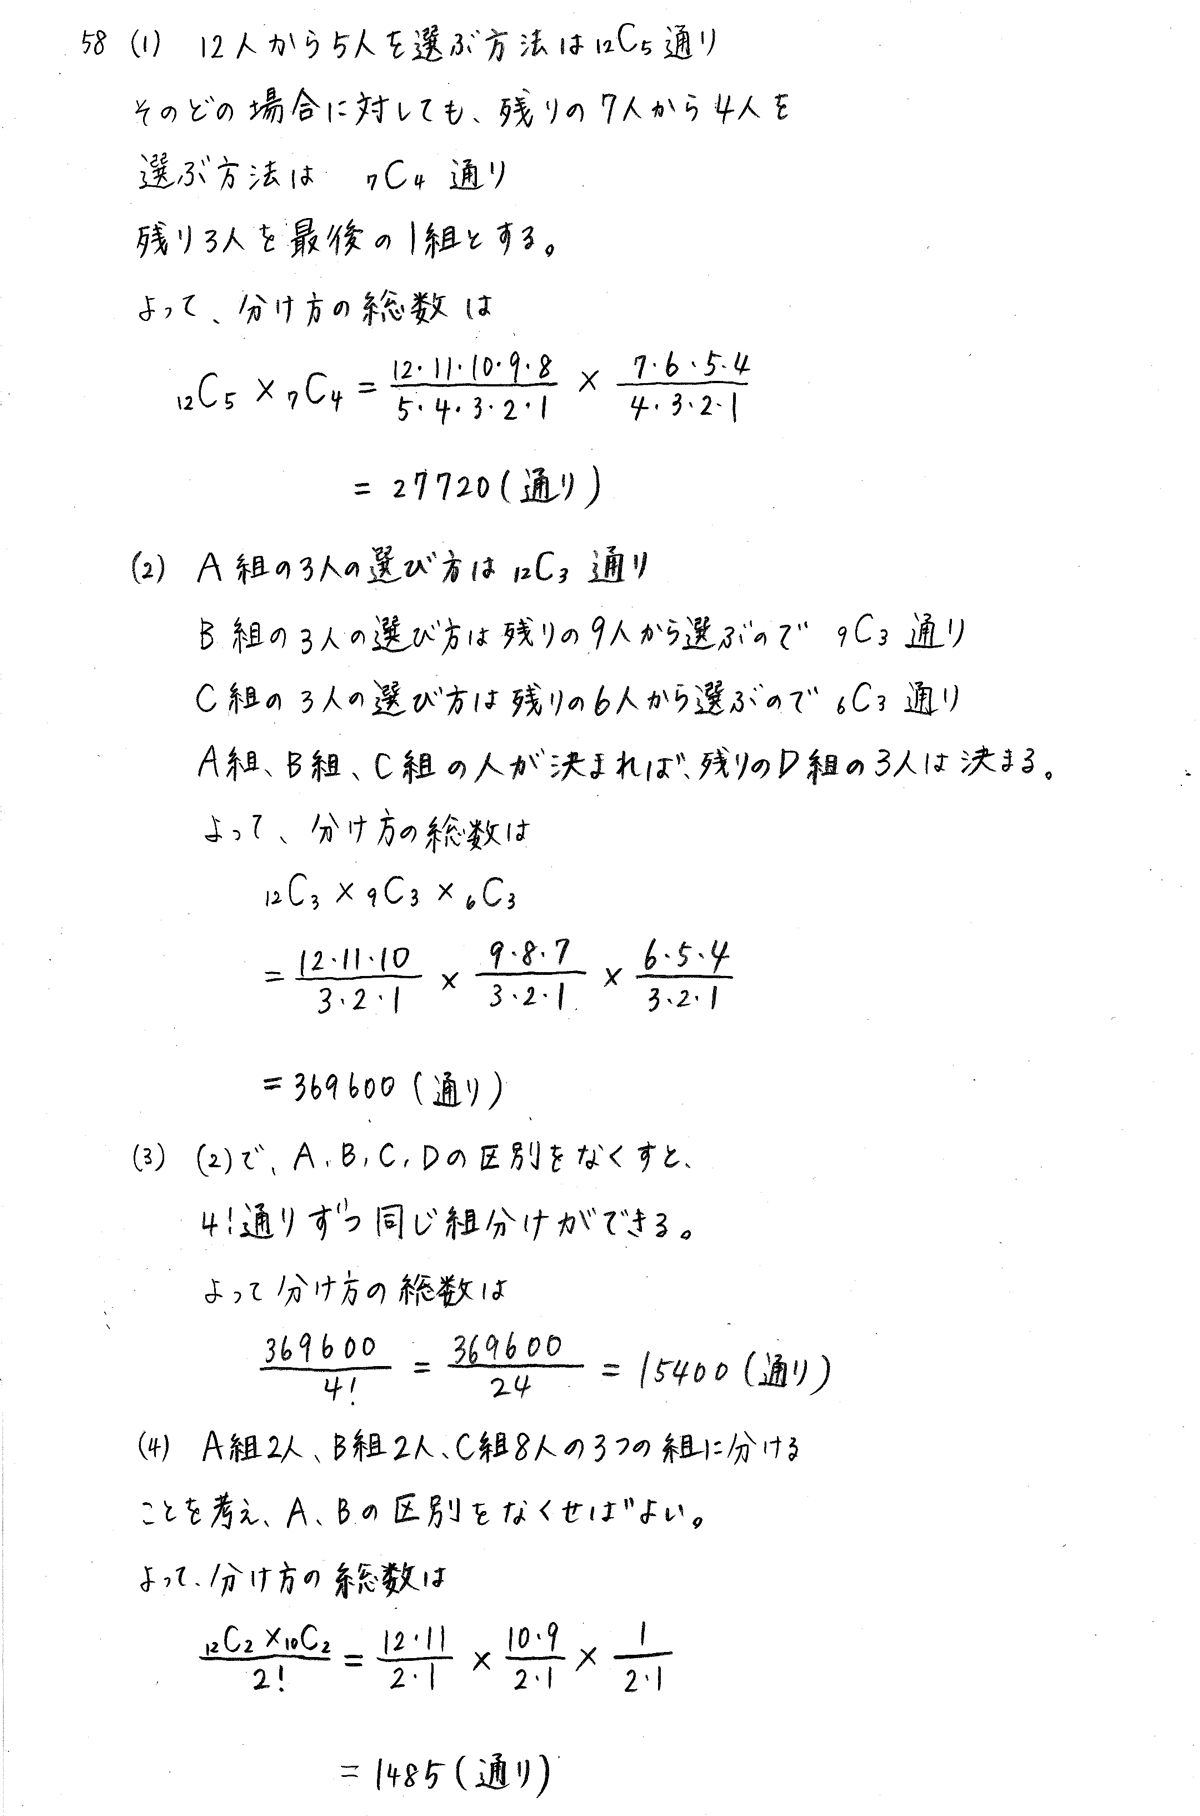 クリアー数学A-58解答